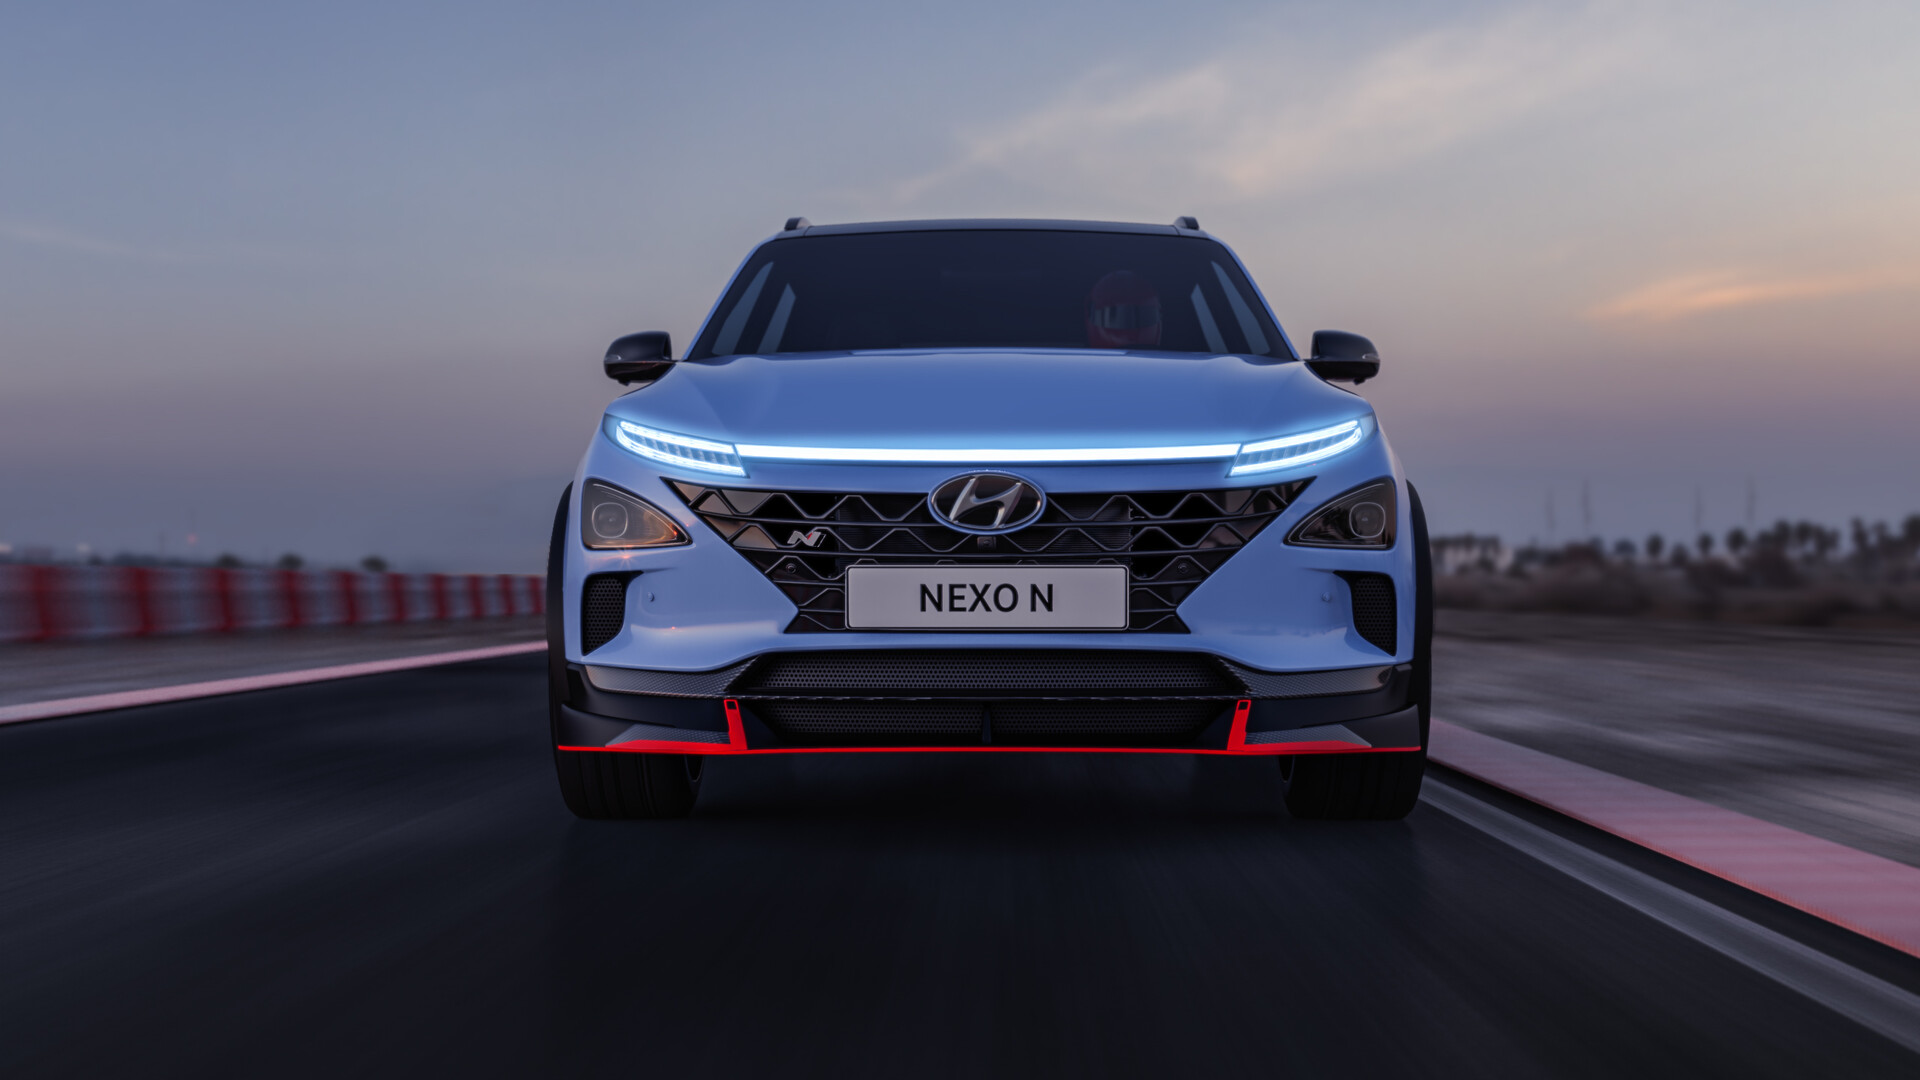 Hyundai Nexo N